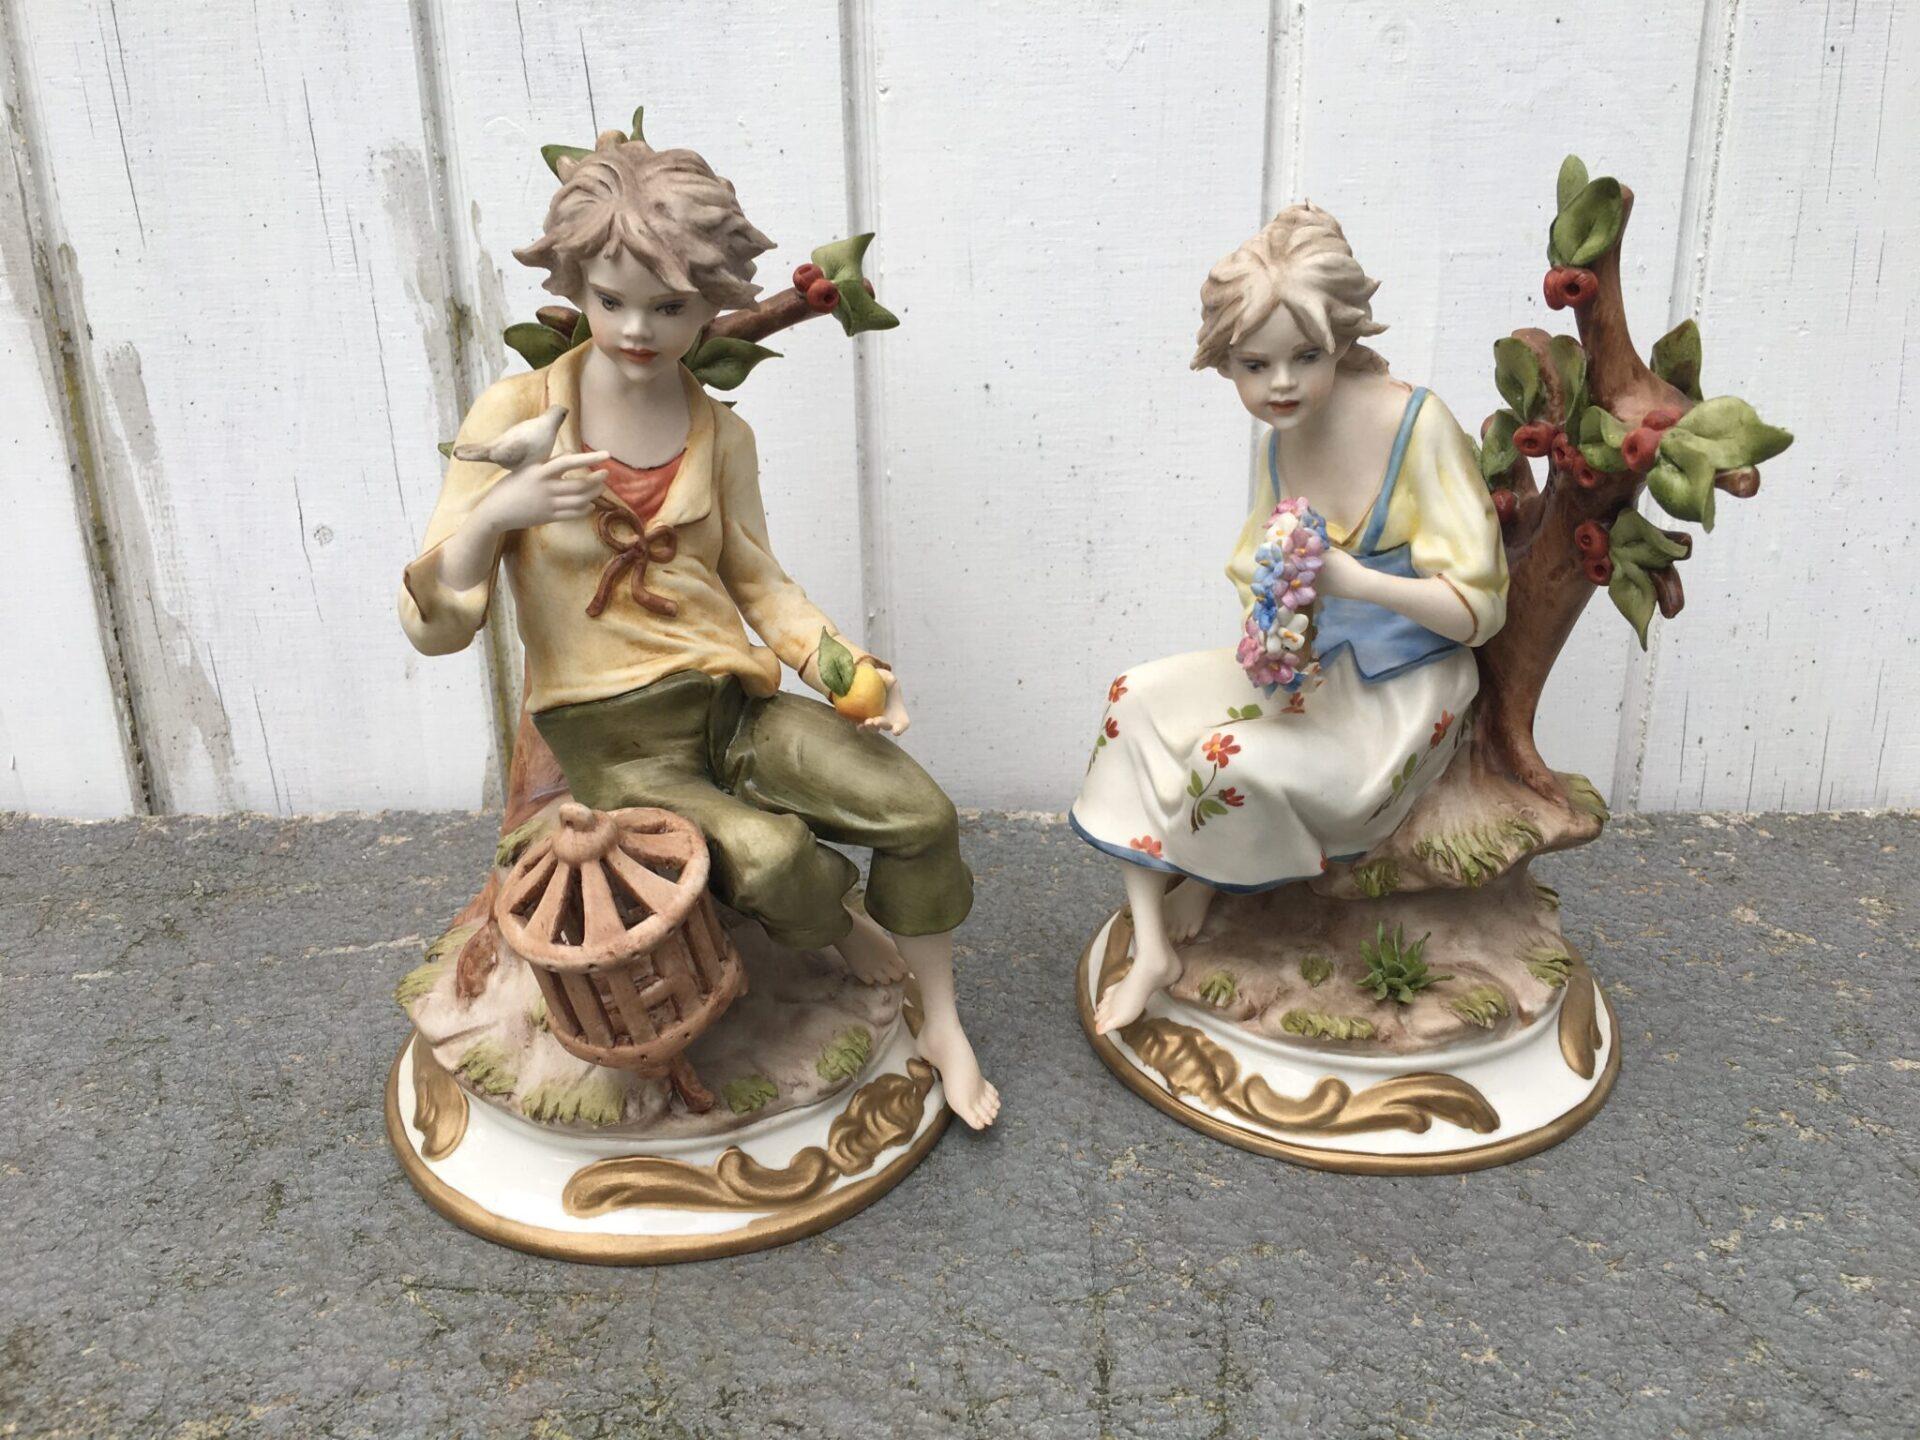 2 stk italienske porcelænsfigurer stemplet